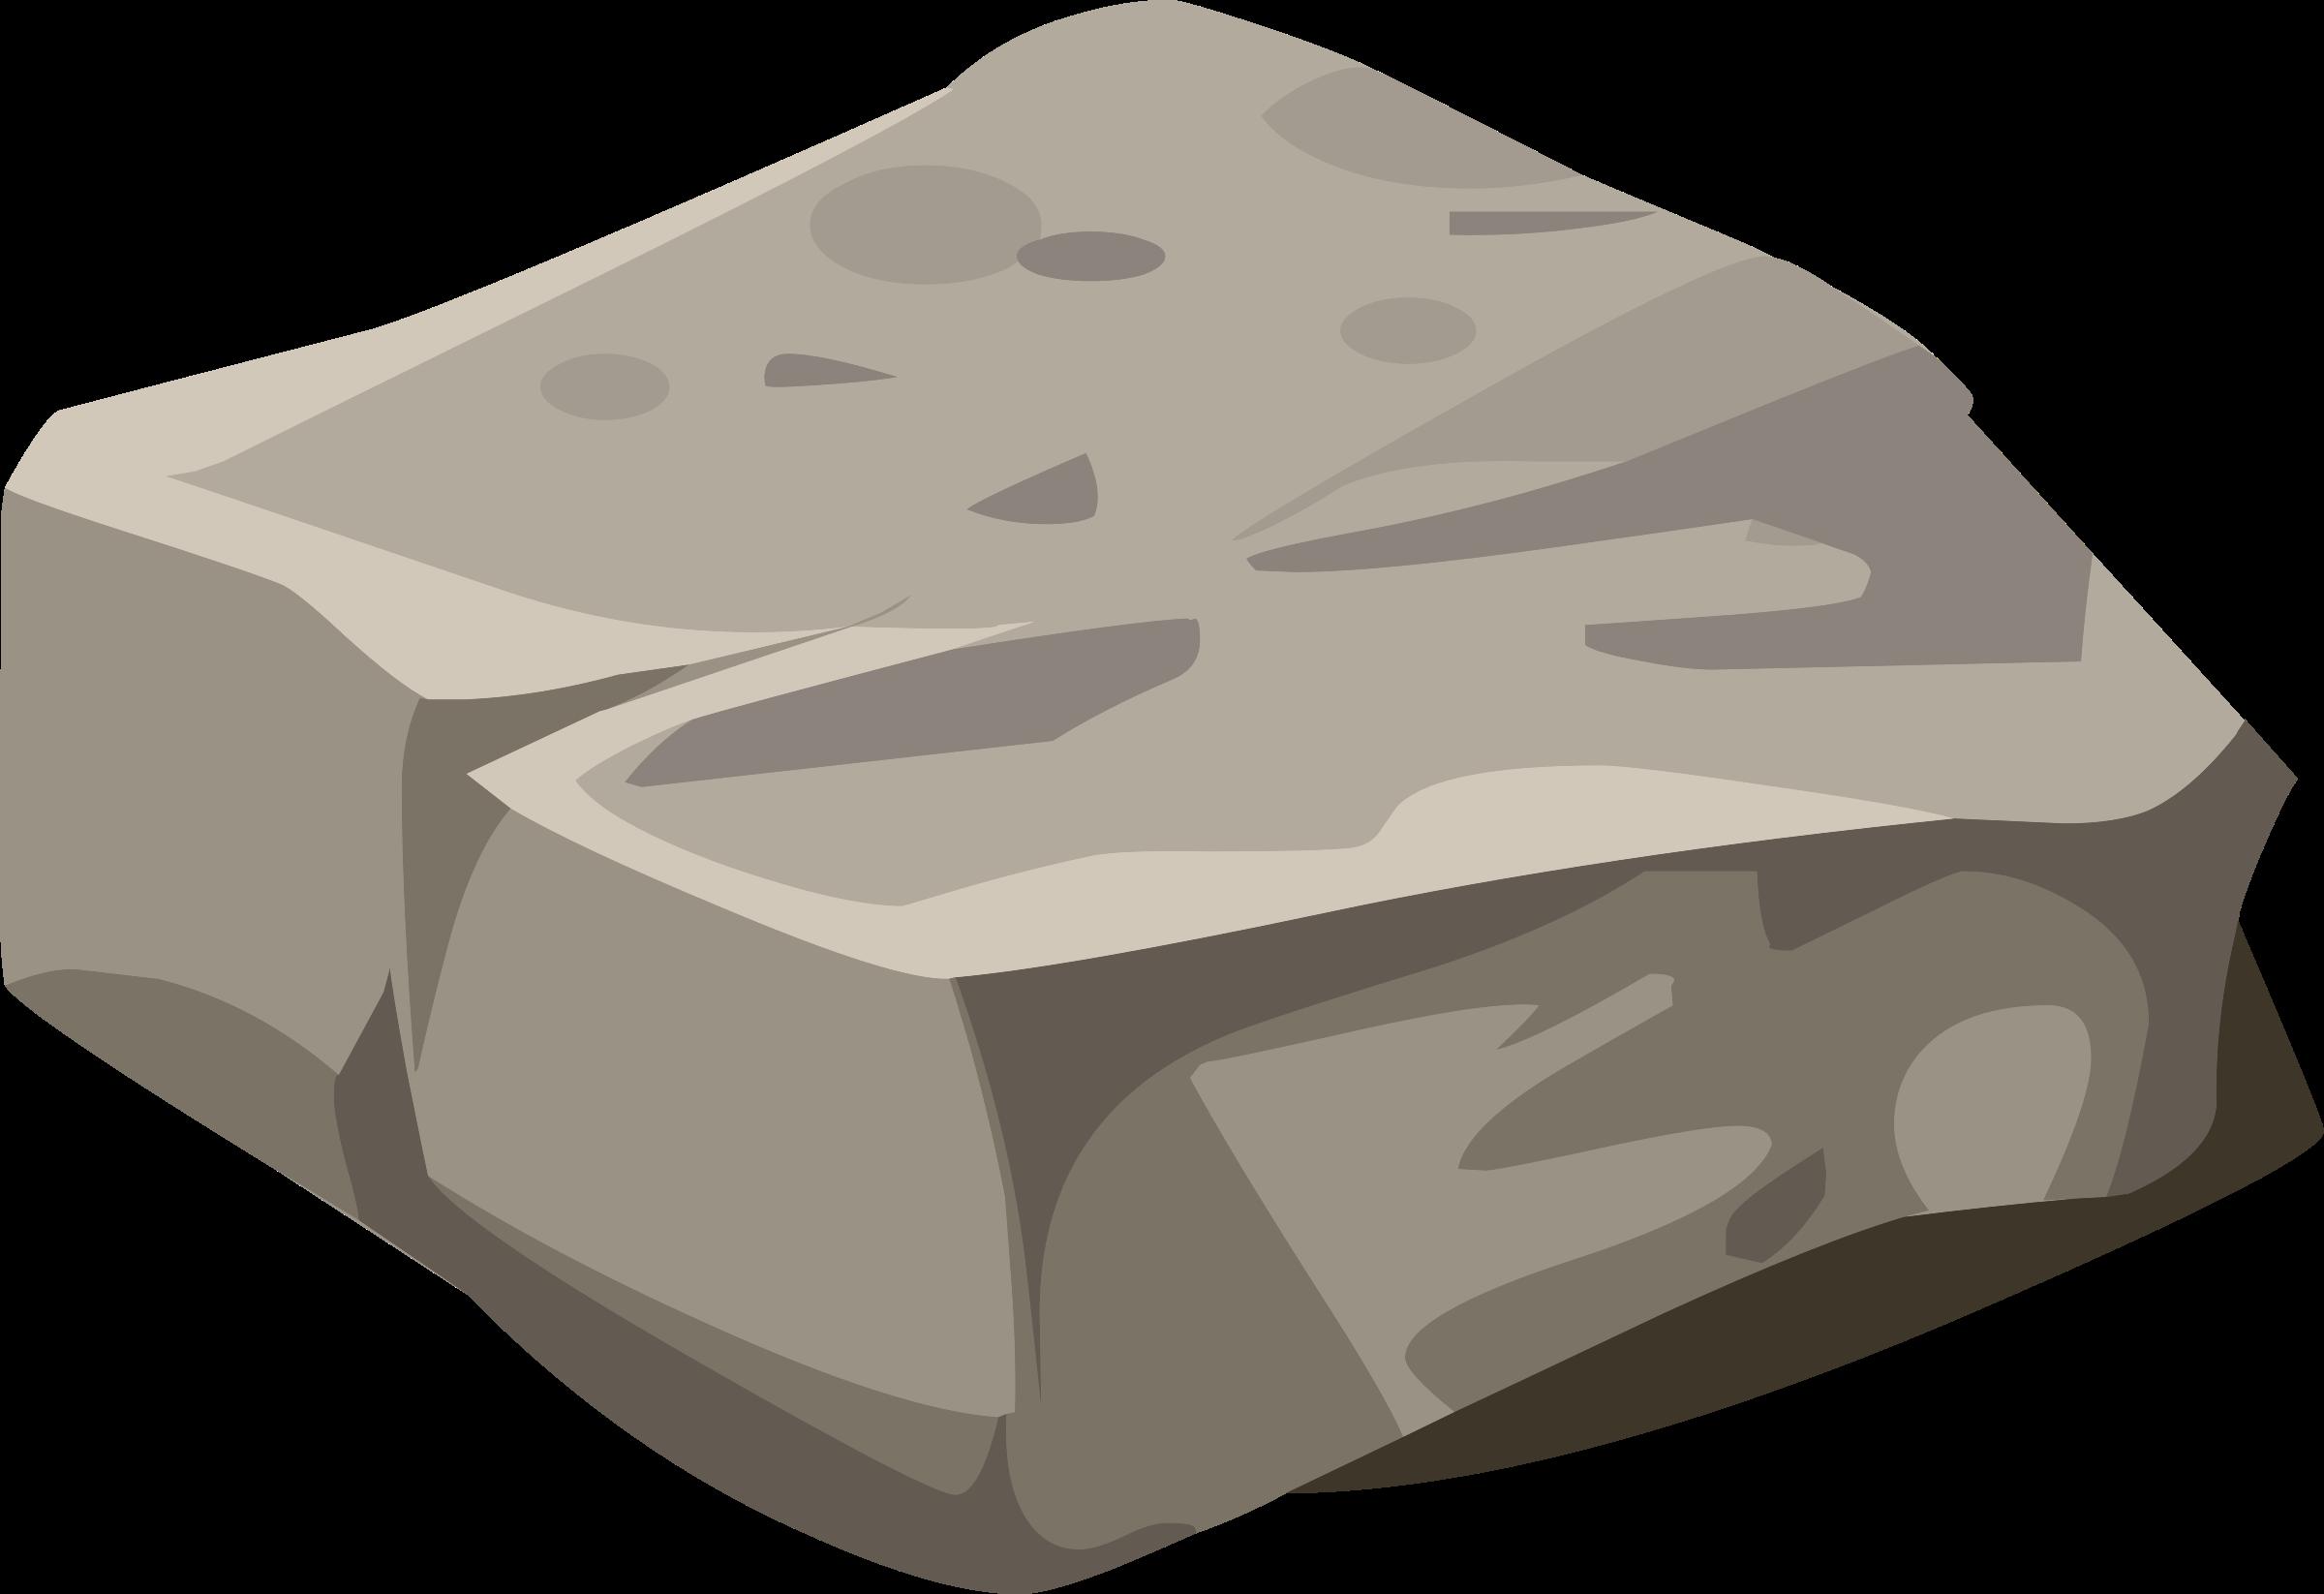 Clip art rock 2 2